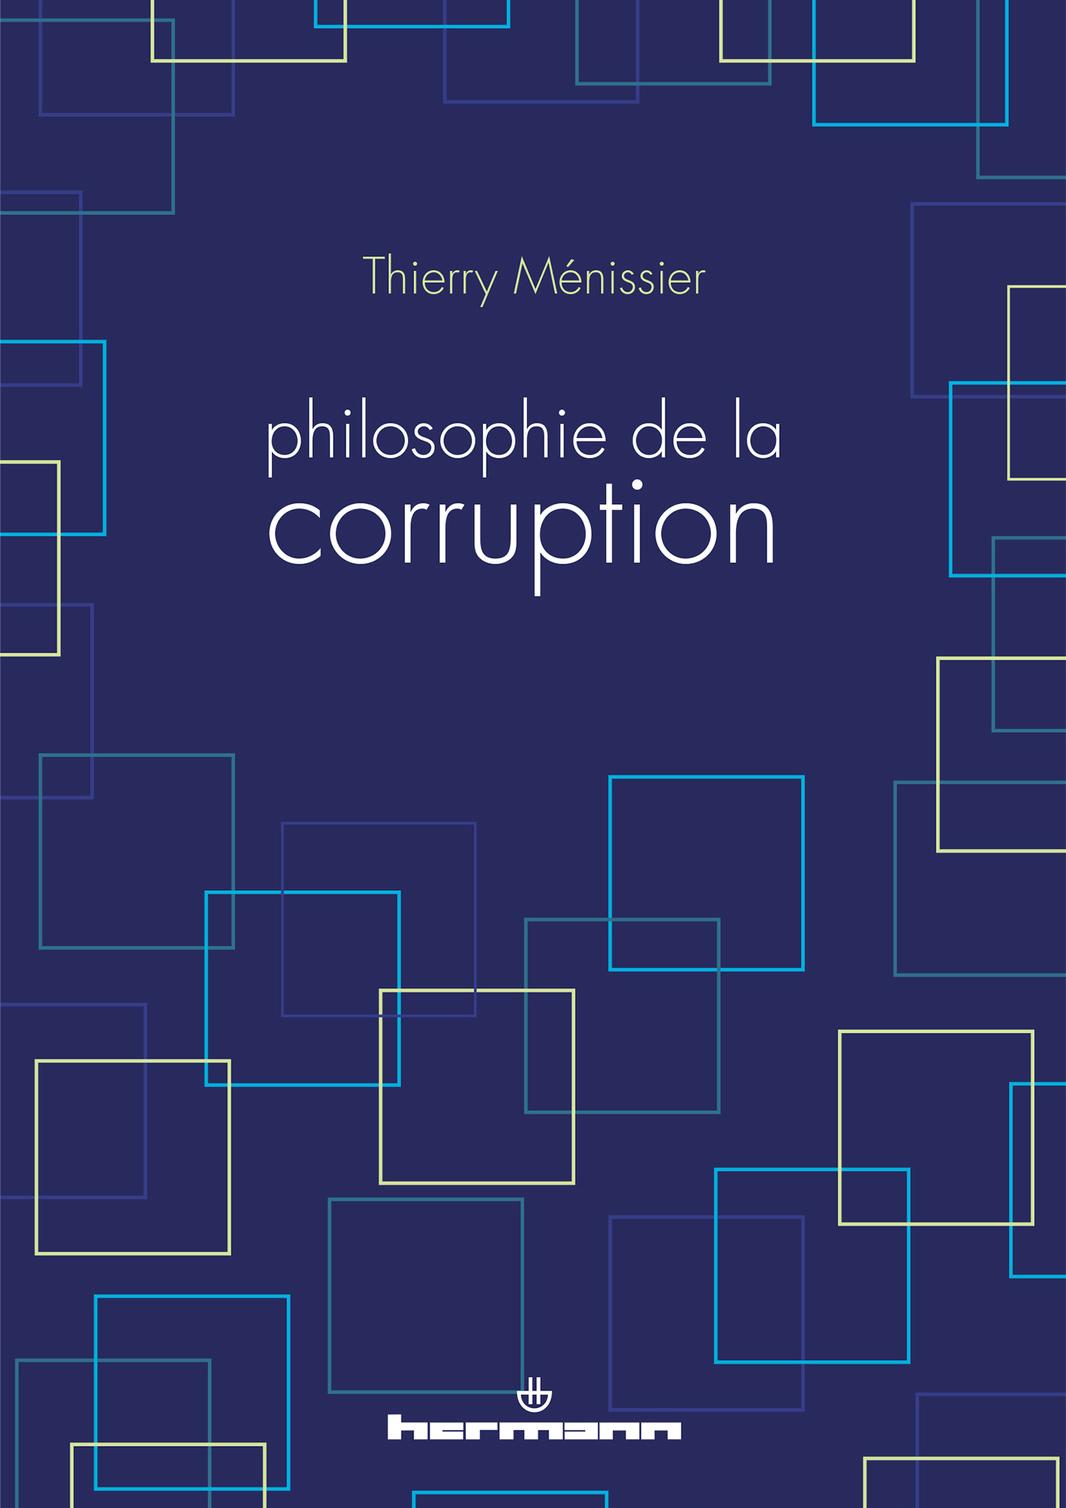 Philosophie de la corruption